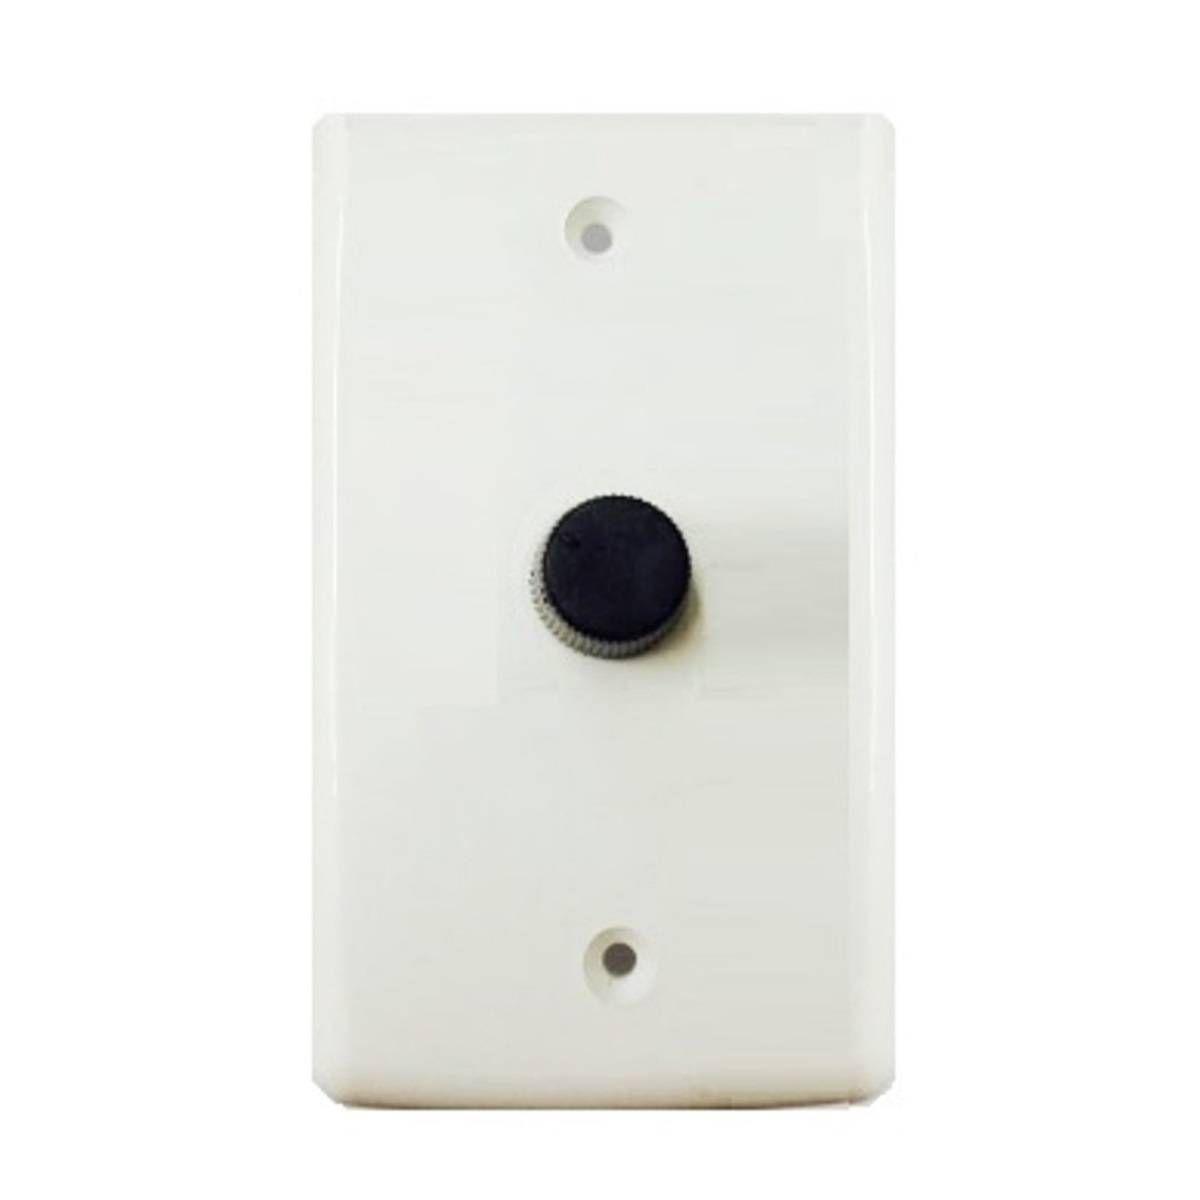 Kit 3 Ventiladores Parede Oscilante 50 Cm Branco / Prata Bivolt Grade Aço